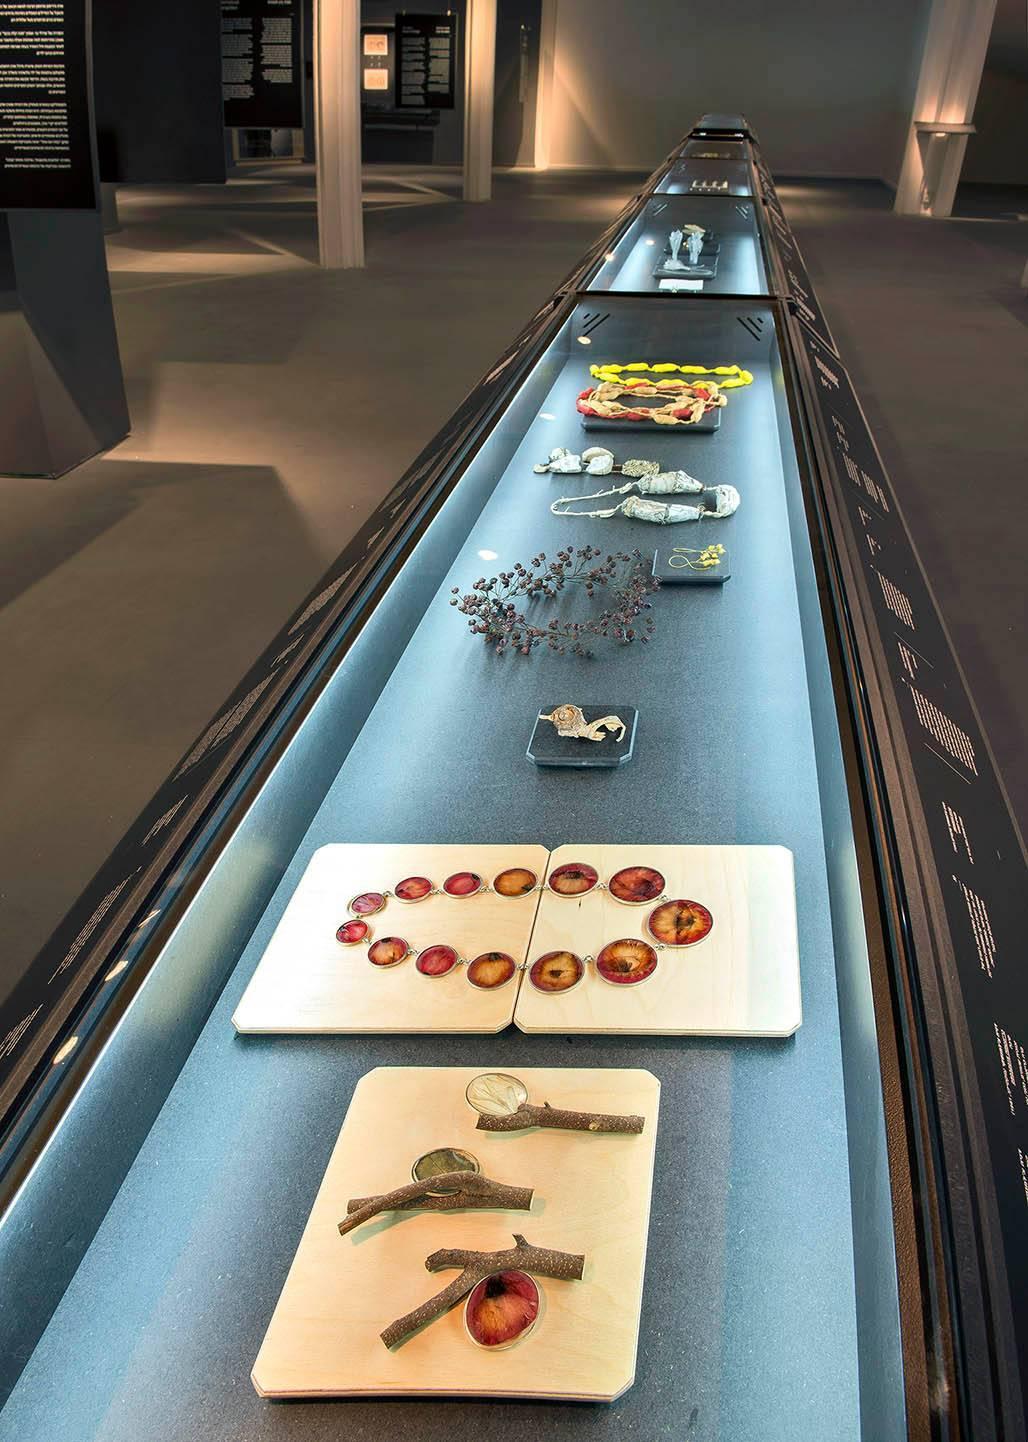 מראה הצבת החלק העכשווי מתוך התערוכה